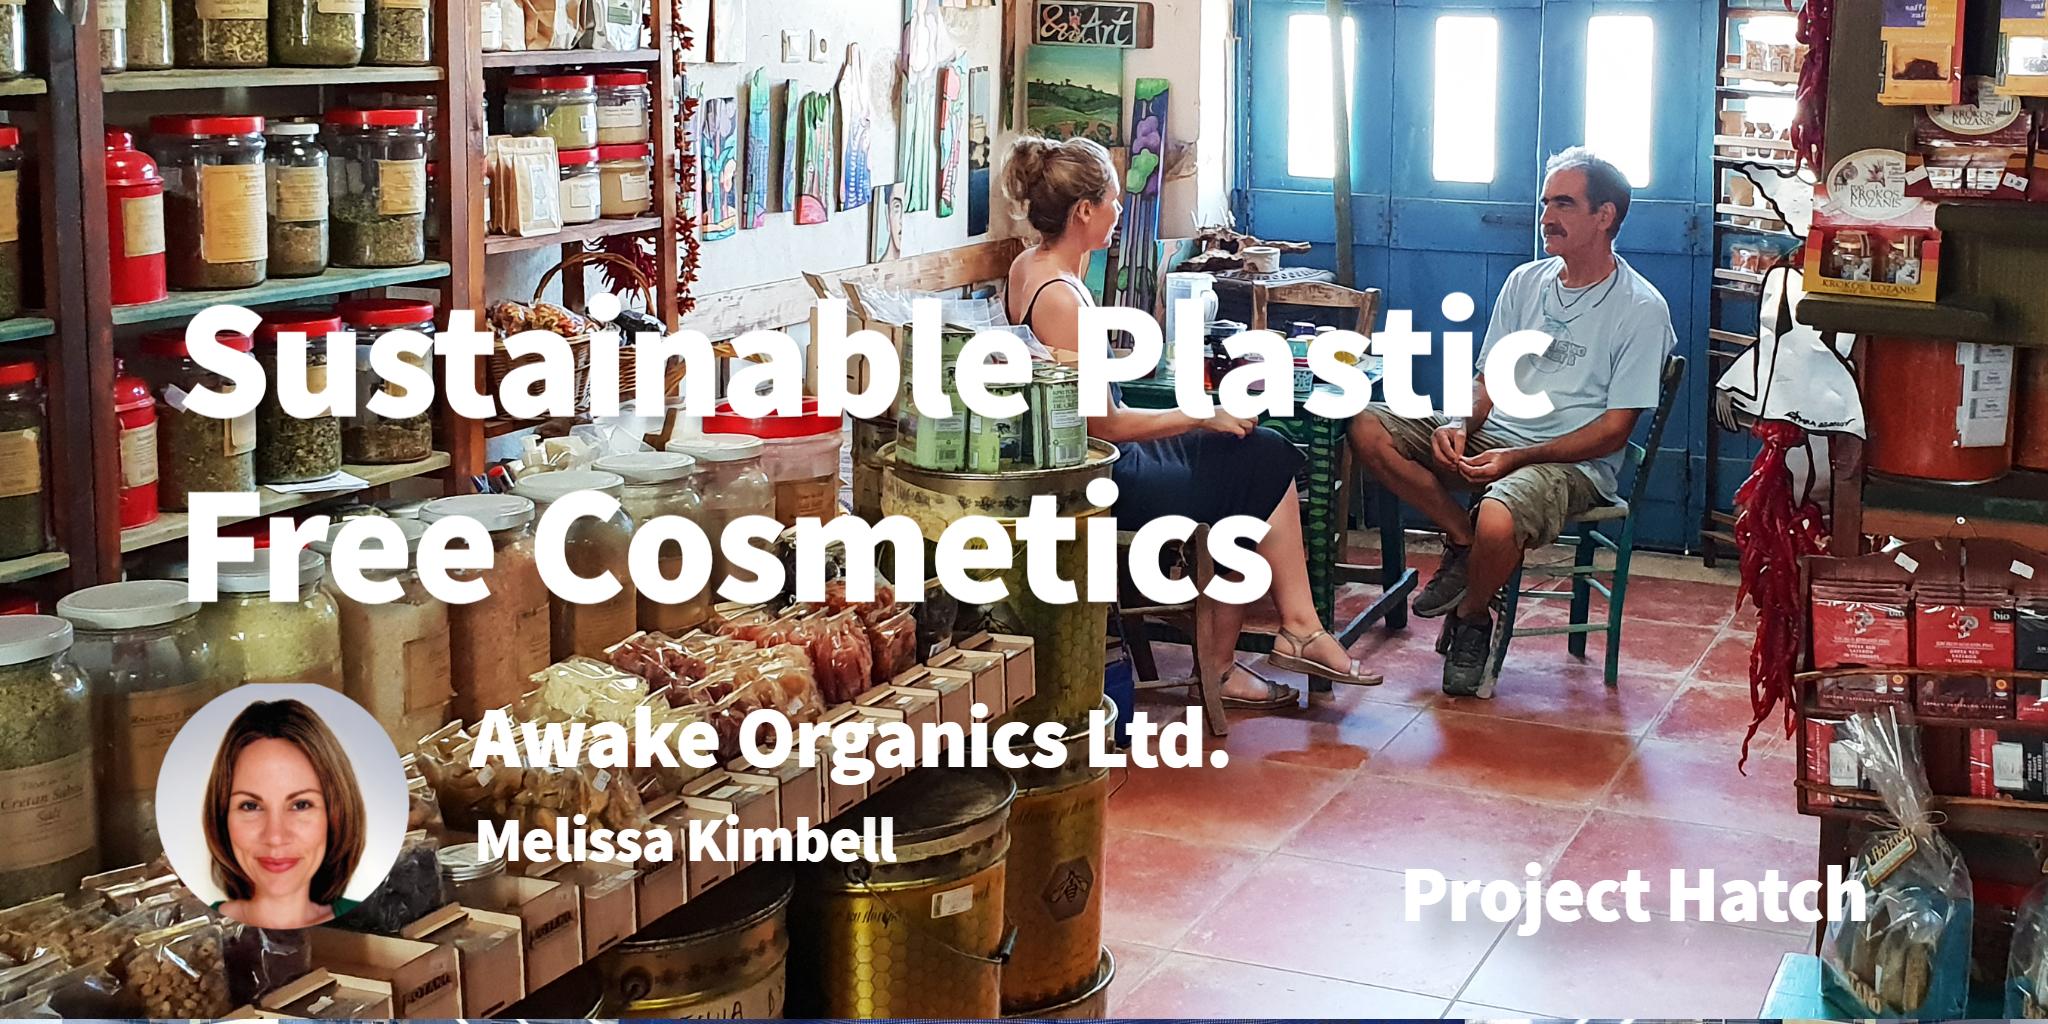 Awake Organics Ltd. Melissas Kimbell